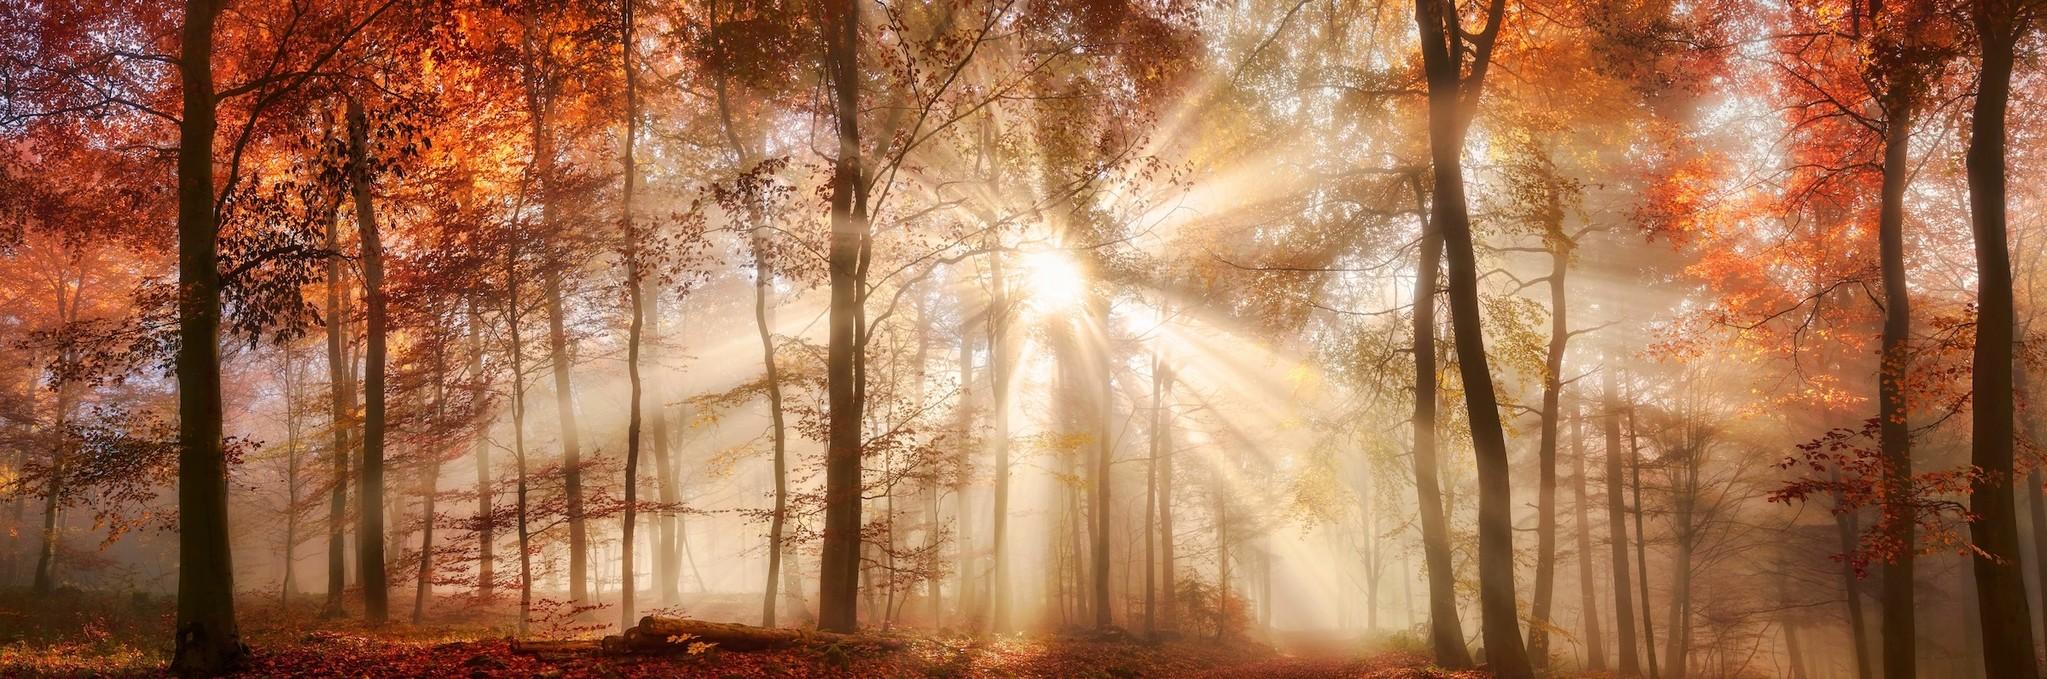 Schilderij - Zonnestralen in het bos, herfst, panorama, 2 maten